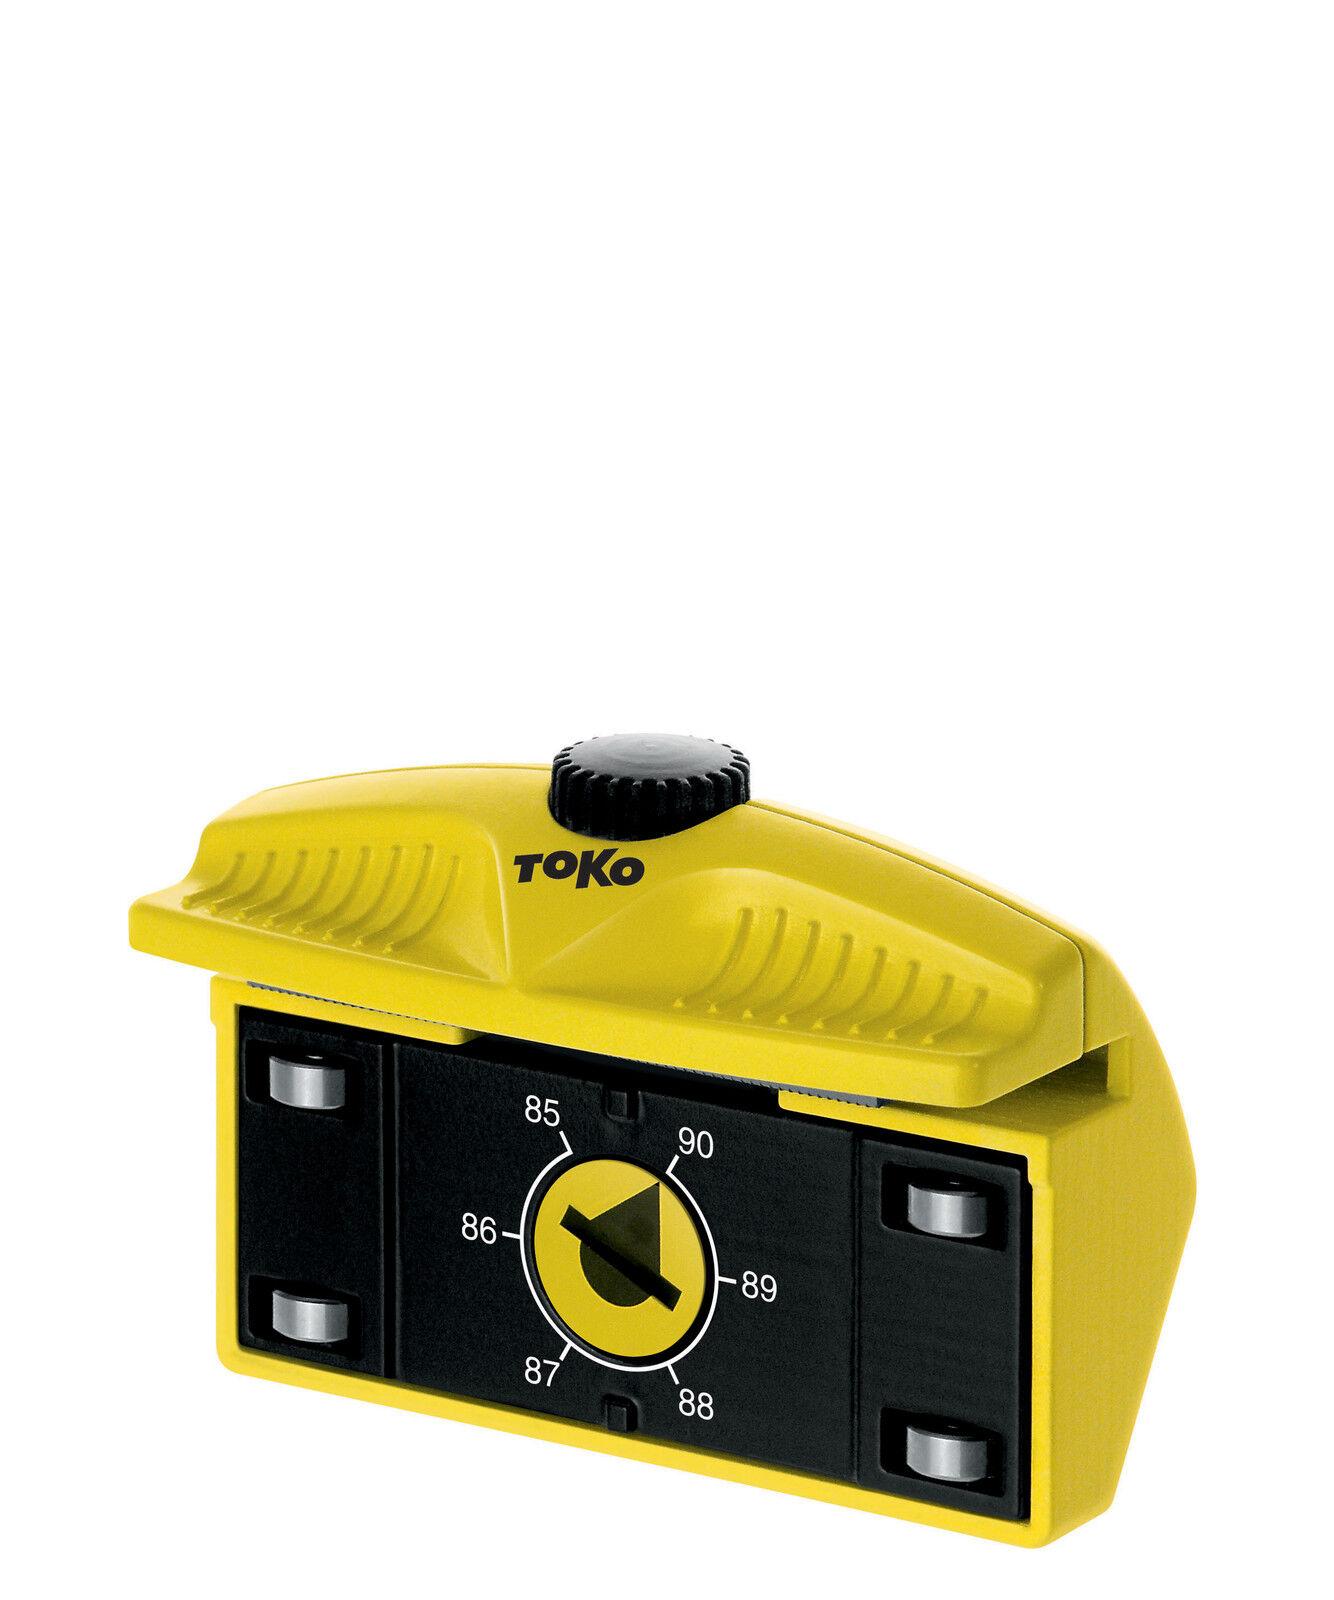 Toko Edge Tuner Sharpener Edge Tuner Pro